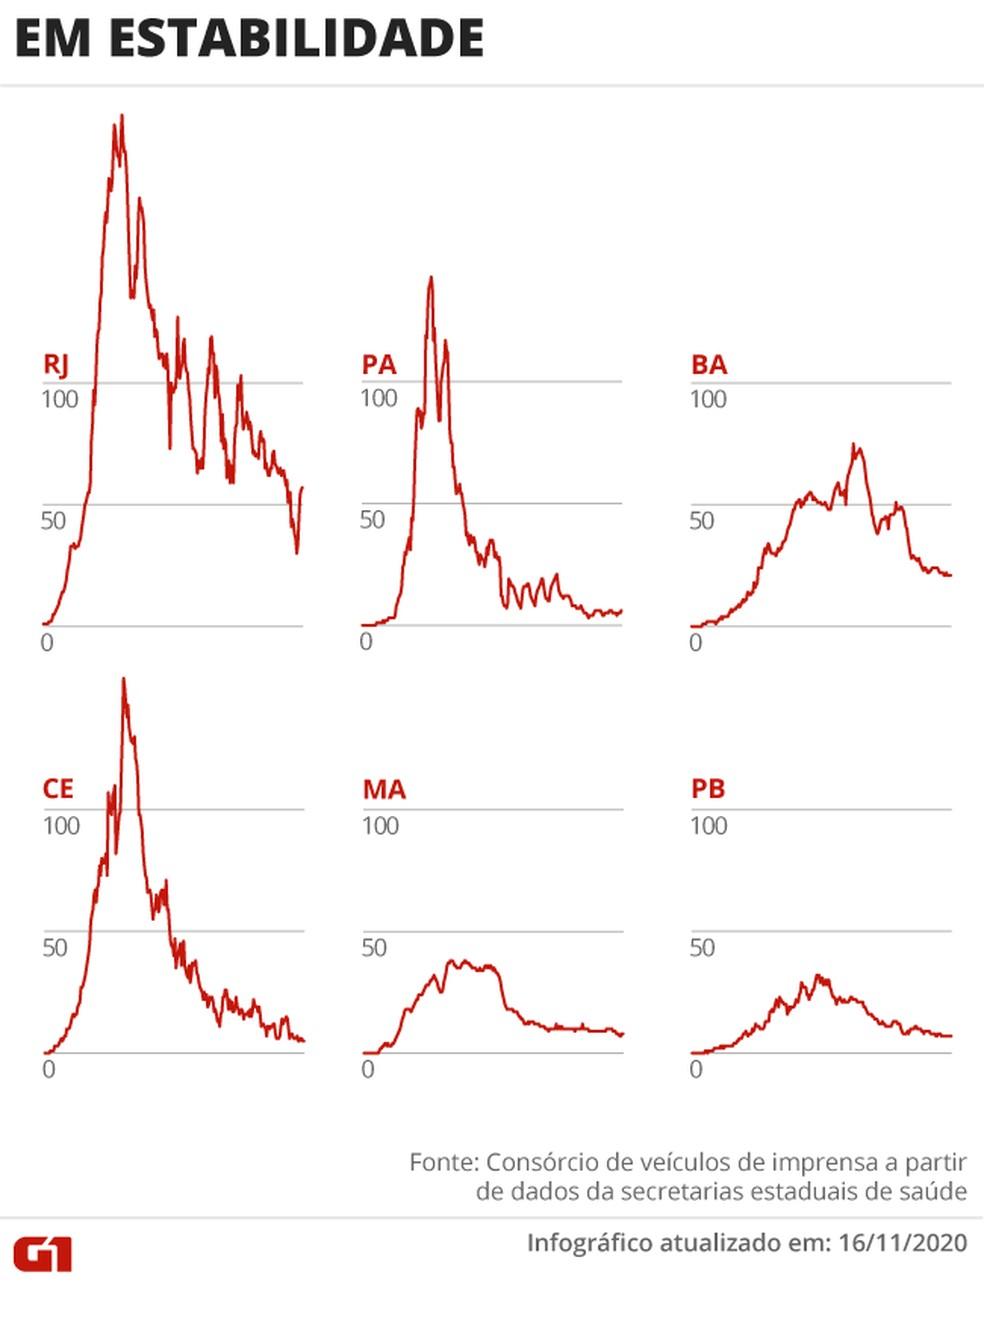 Estados em que há estabilidade nas mortes por coronavírus — Foto: Arte/G1